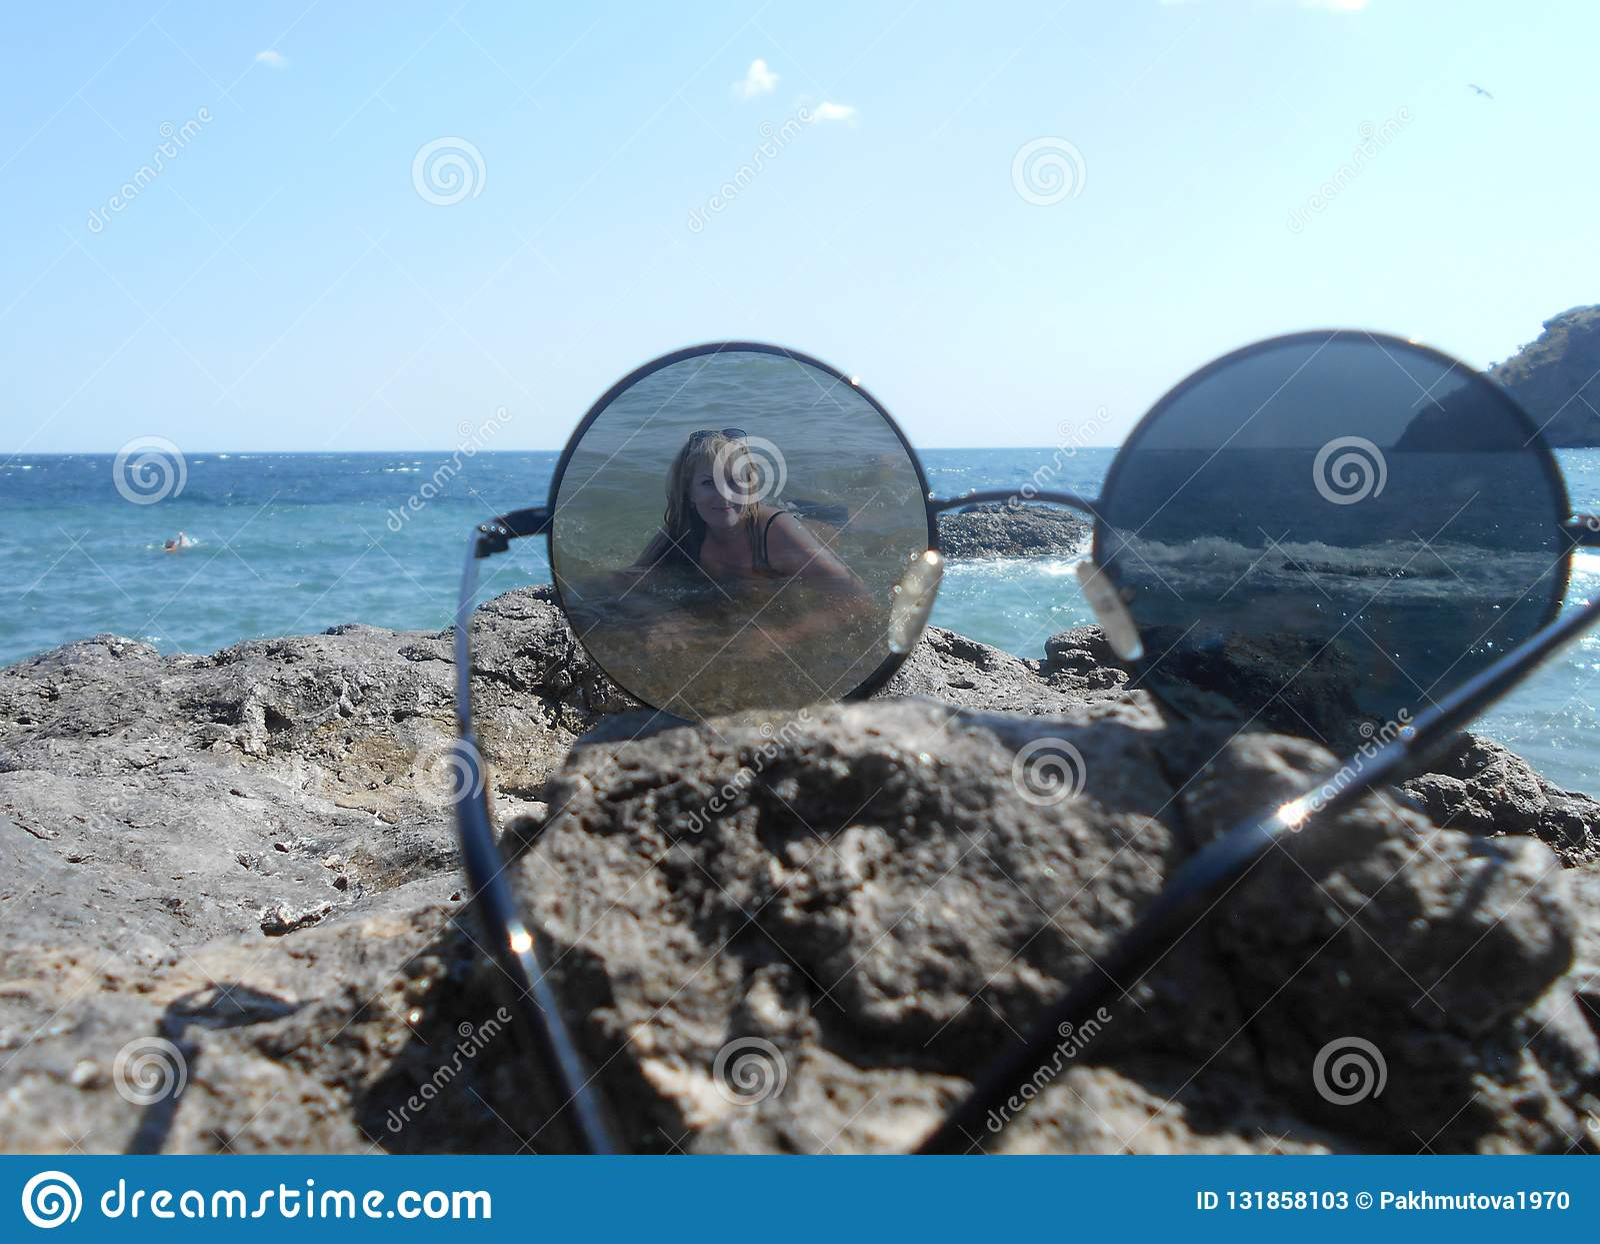 Море, пляж, вода, океан, небо, синь, побережье, природа, ландшафт, лето, перемещение, солнечные очки, облака, остров, песок, глоб